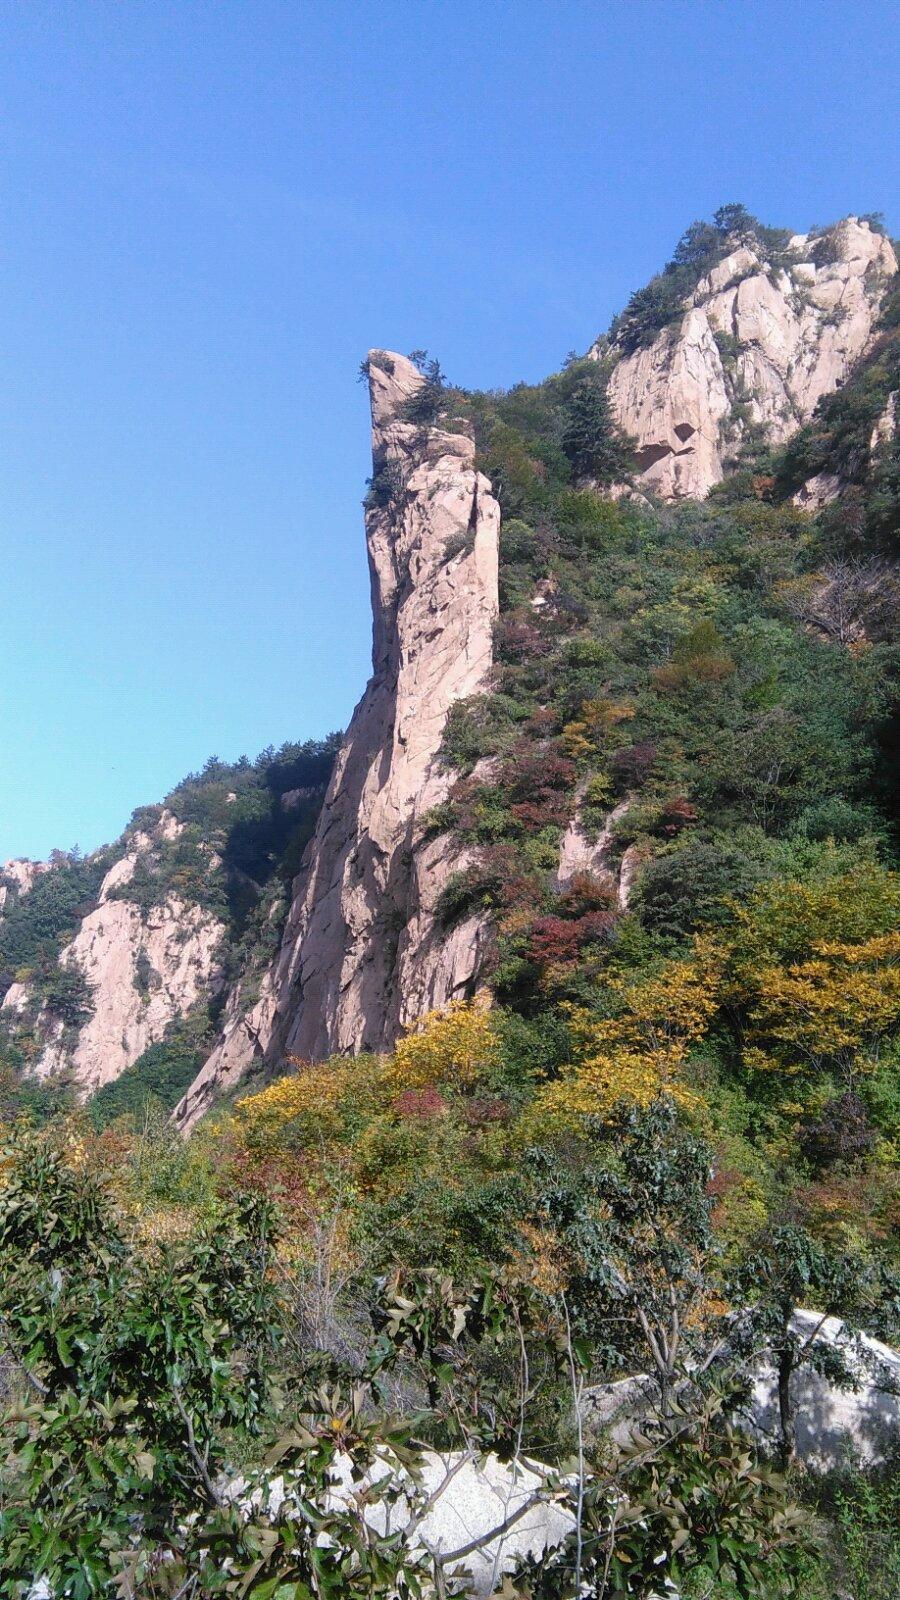 雾灵山曾是大清的龙脉所在地,是皇家上风上水的风水